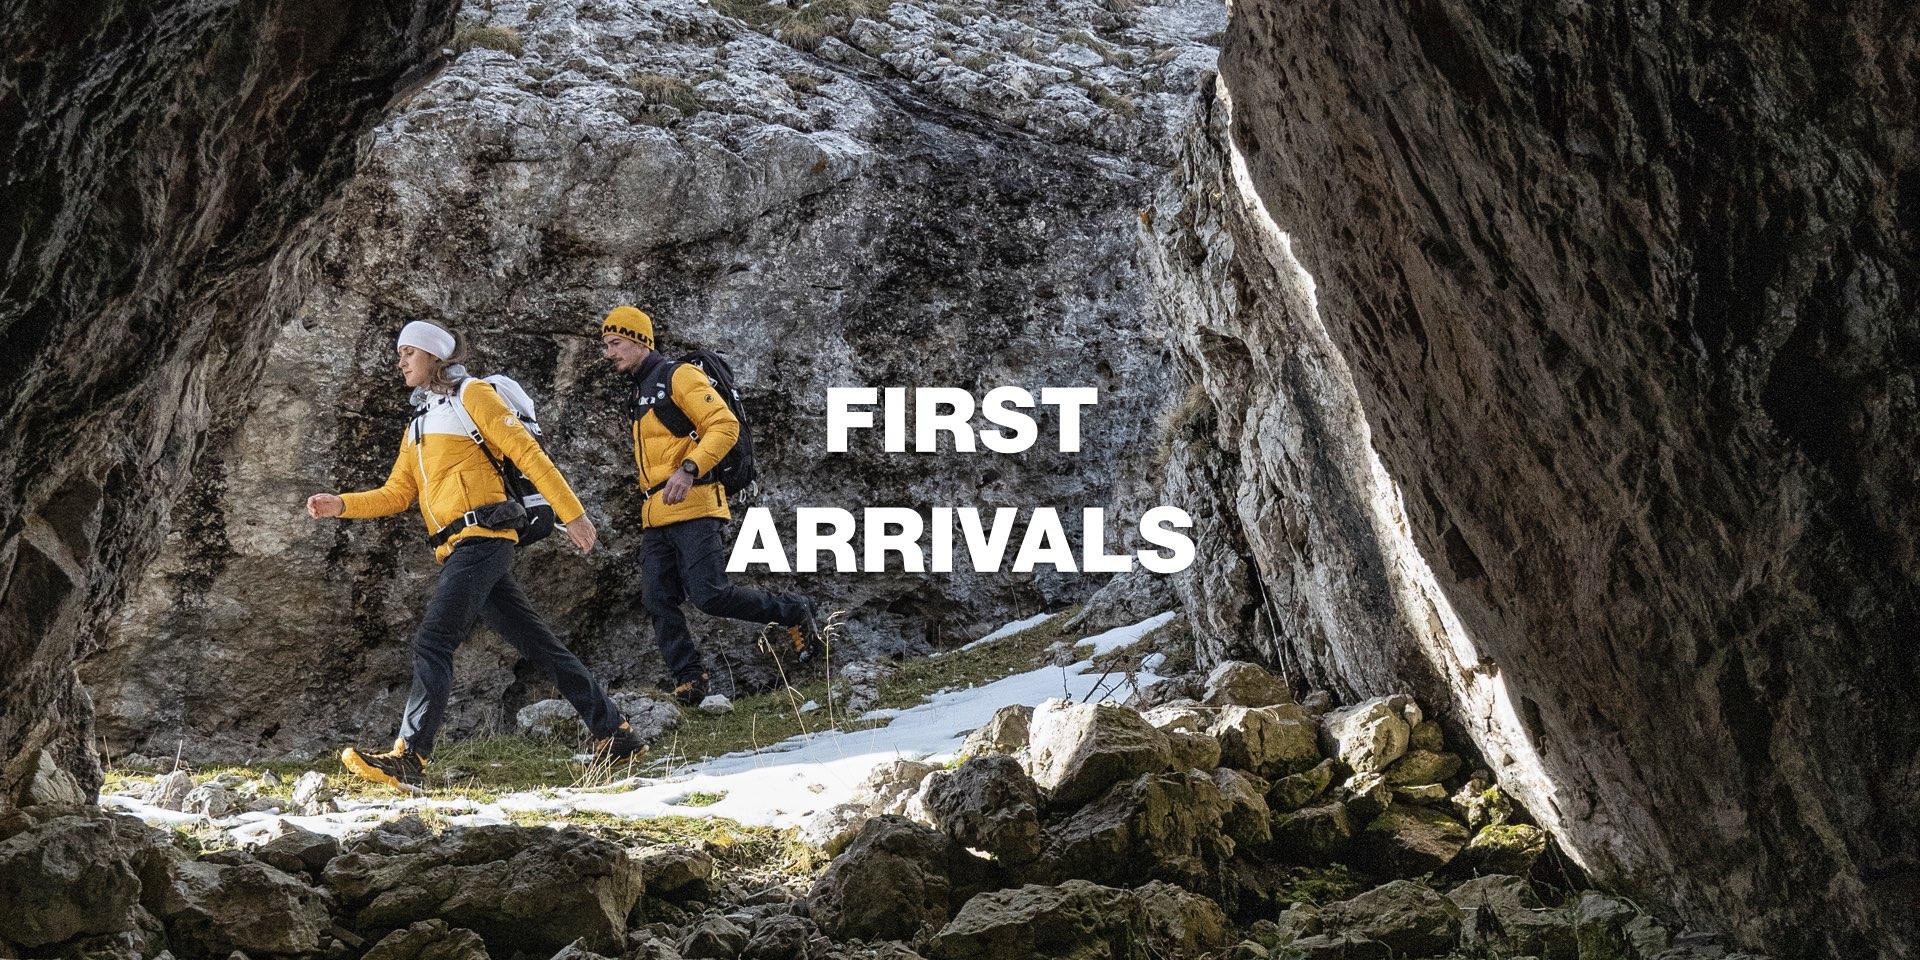 First Arrivals